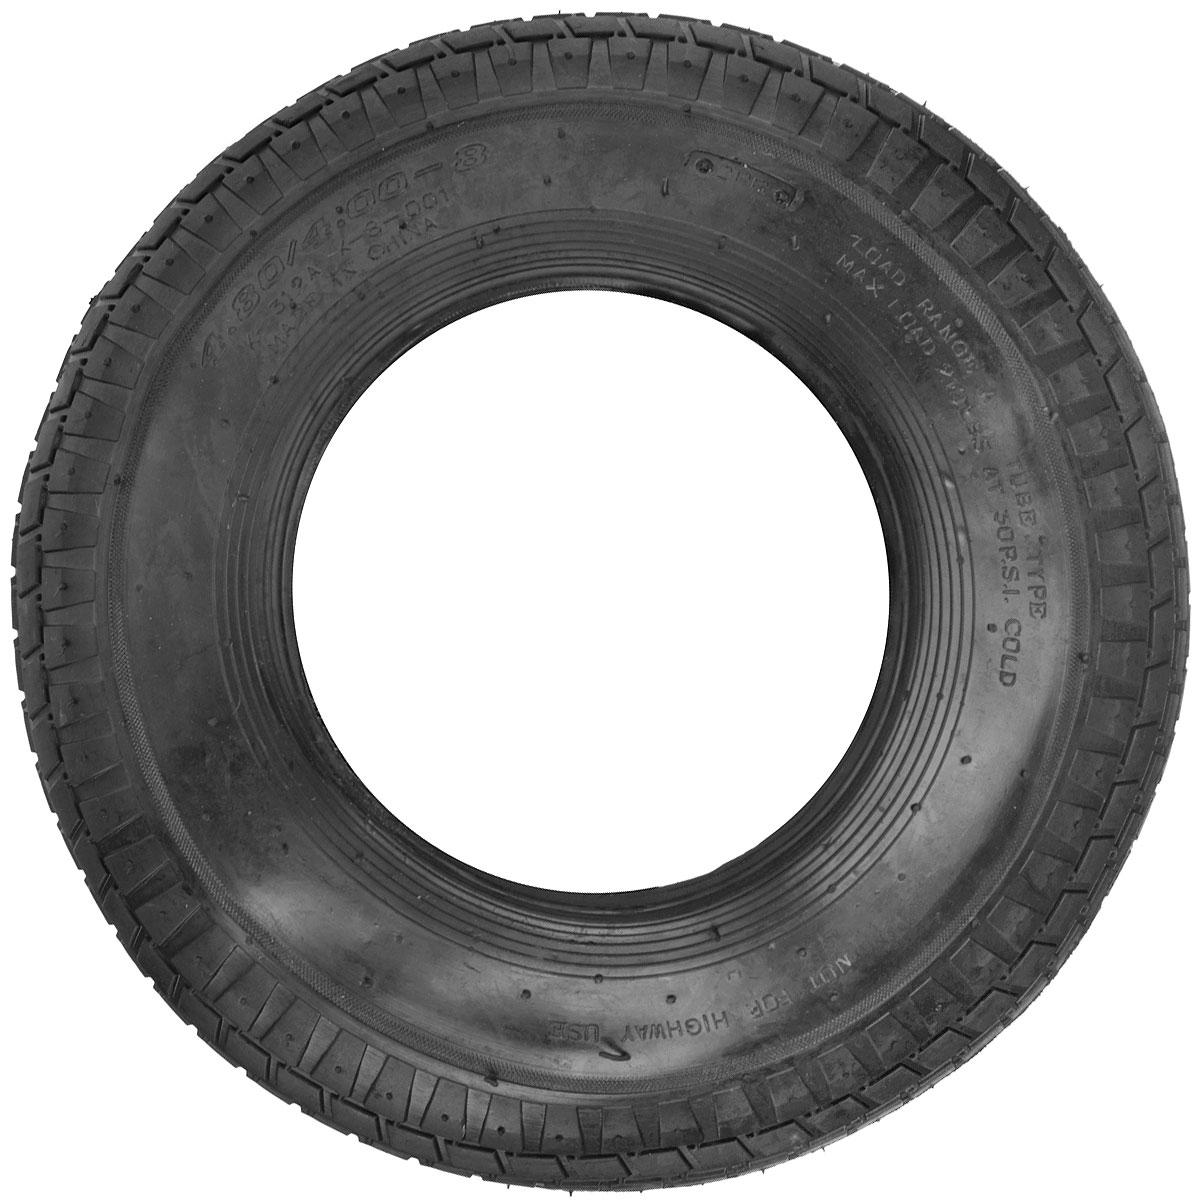 Шина запасная для колеса Fit, 4.80/4.00-8 (16 x 4)RSP-202SШина запасная для колеса Fit является запасным элементом для тачки. Диаметр надувного колеса 16 x 4. Рабочее давление 2 атм (бар). Максимальное давление 3,2 атм (бар). Характеристики: Материал: резина. Размеры шины: 16 x 4. Размеры упаковки: 40 см х 40 см х 5 см.